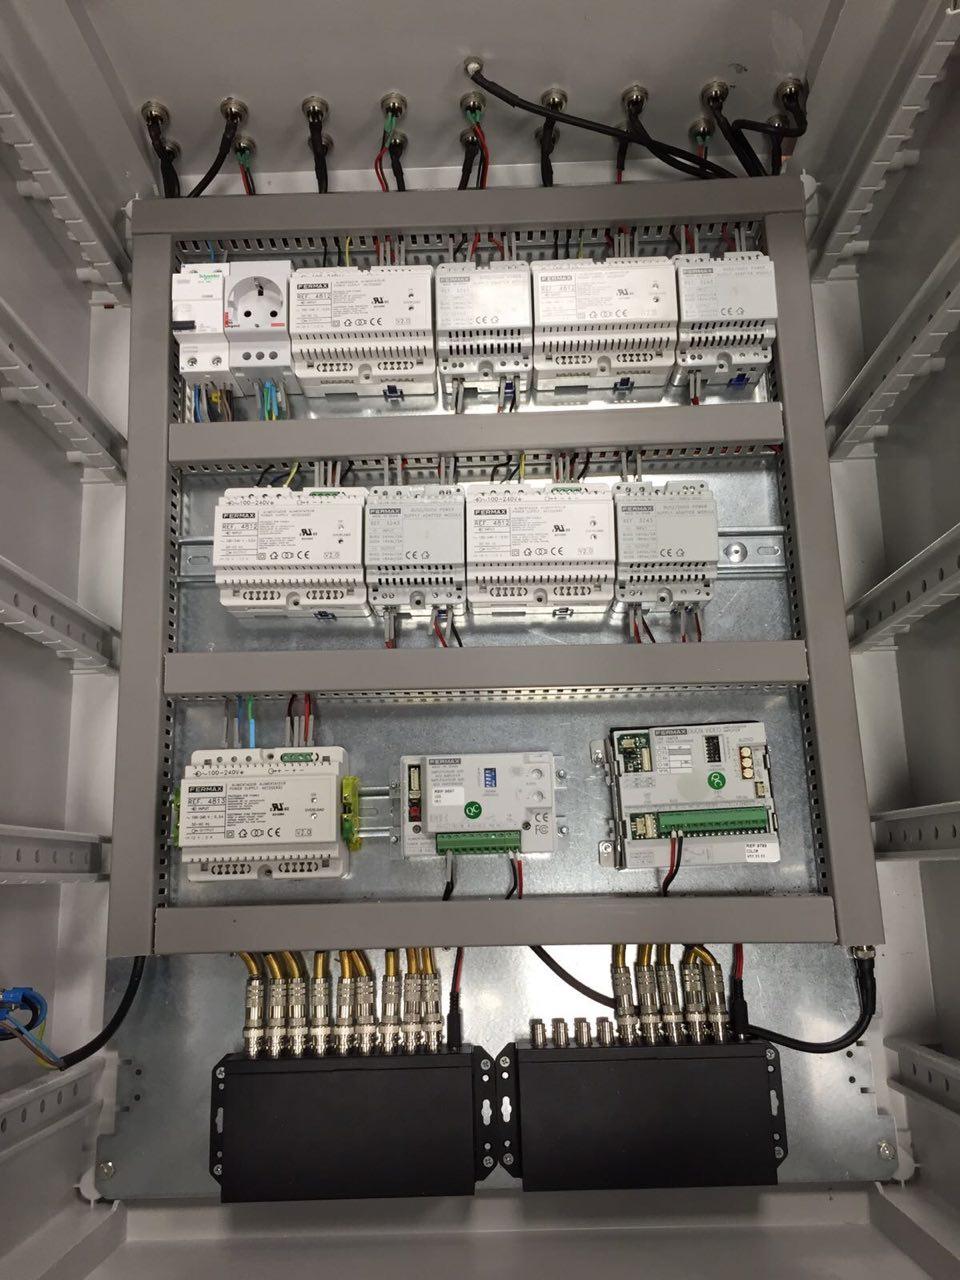 cuadro eléctrico automatismos linea de producción Valencia